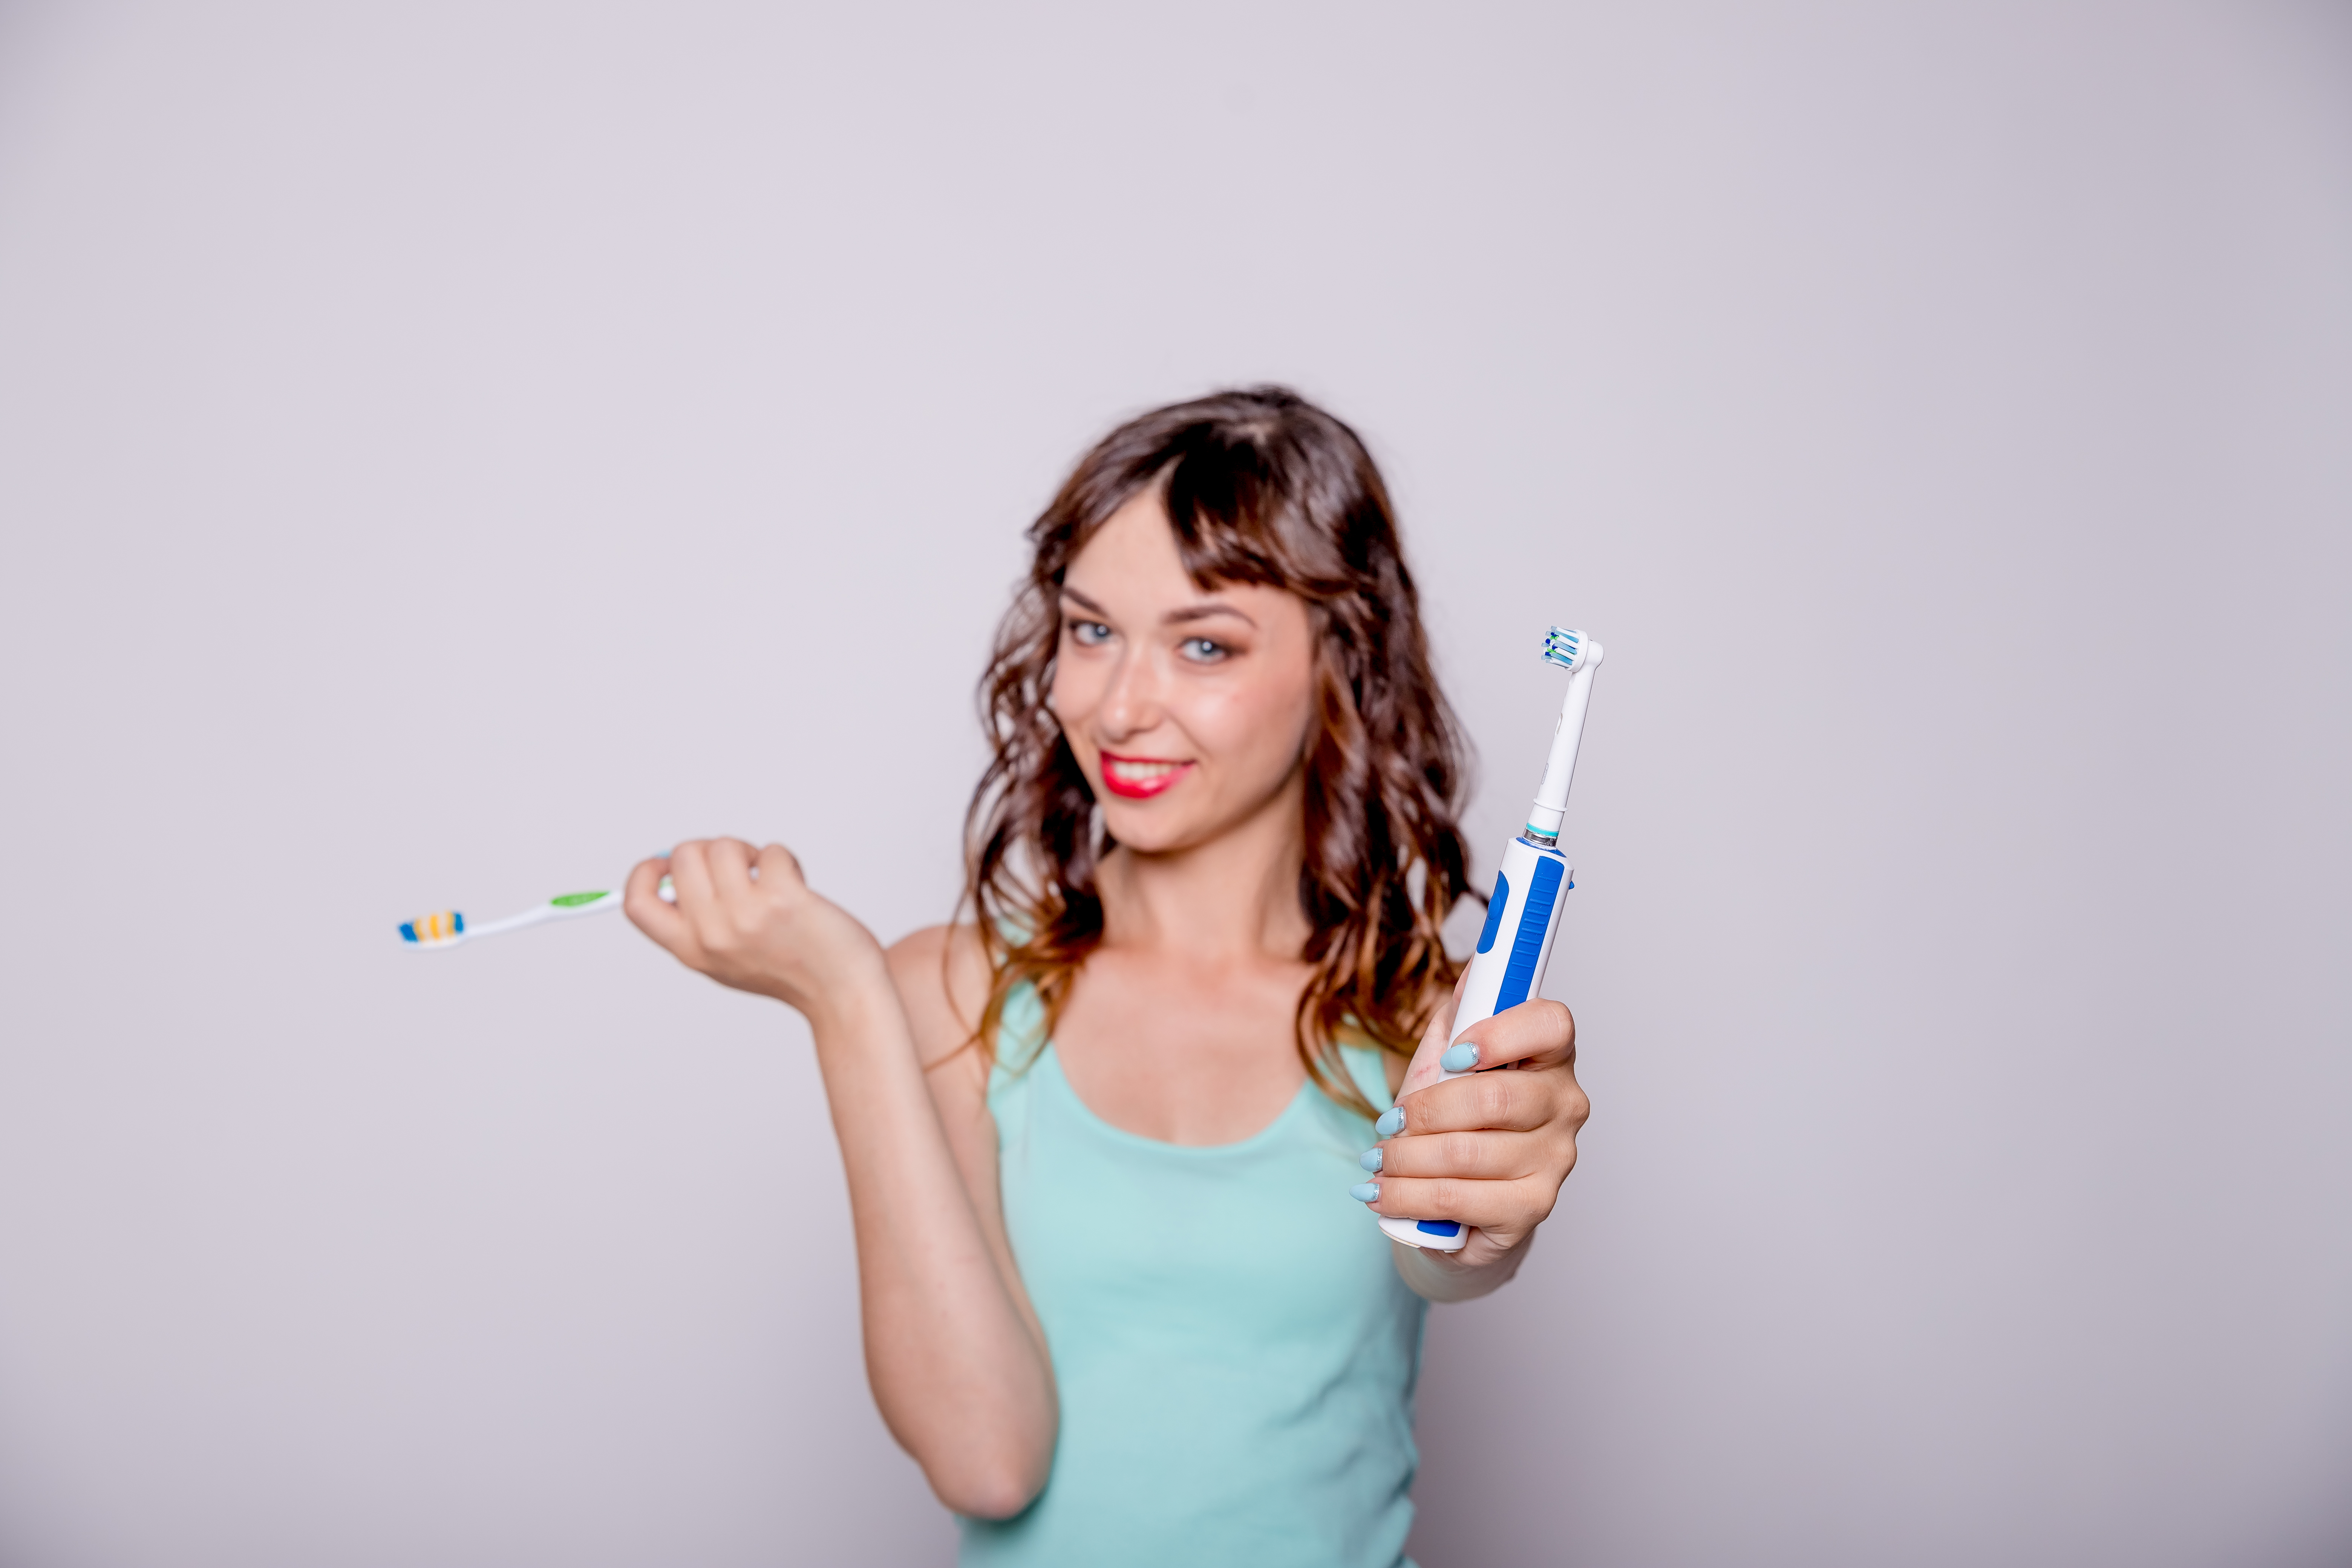 Bytt ut din gamla traditionella tandborste mot en eltandborste? Få maximal effekt genom att lära dig använda den rätt!